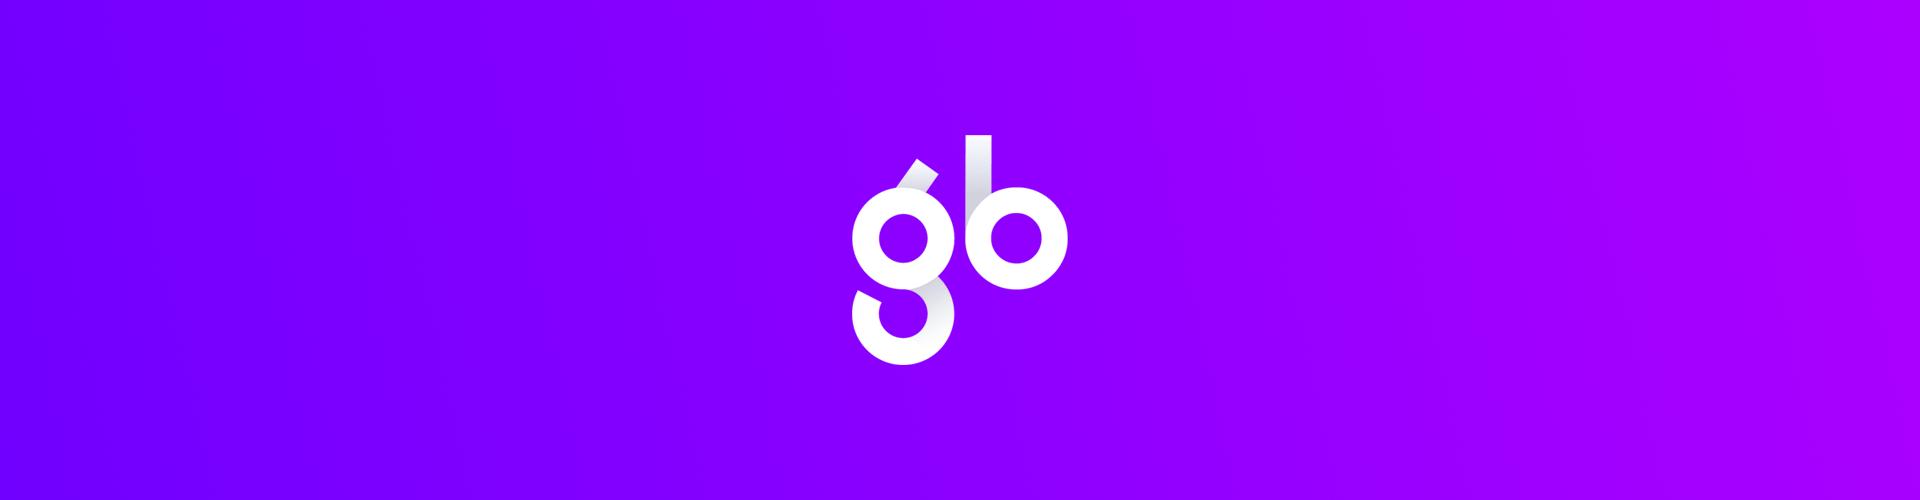 gb tem3 โฆษณาแบบรูปภาพ